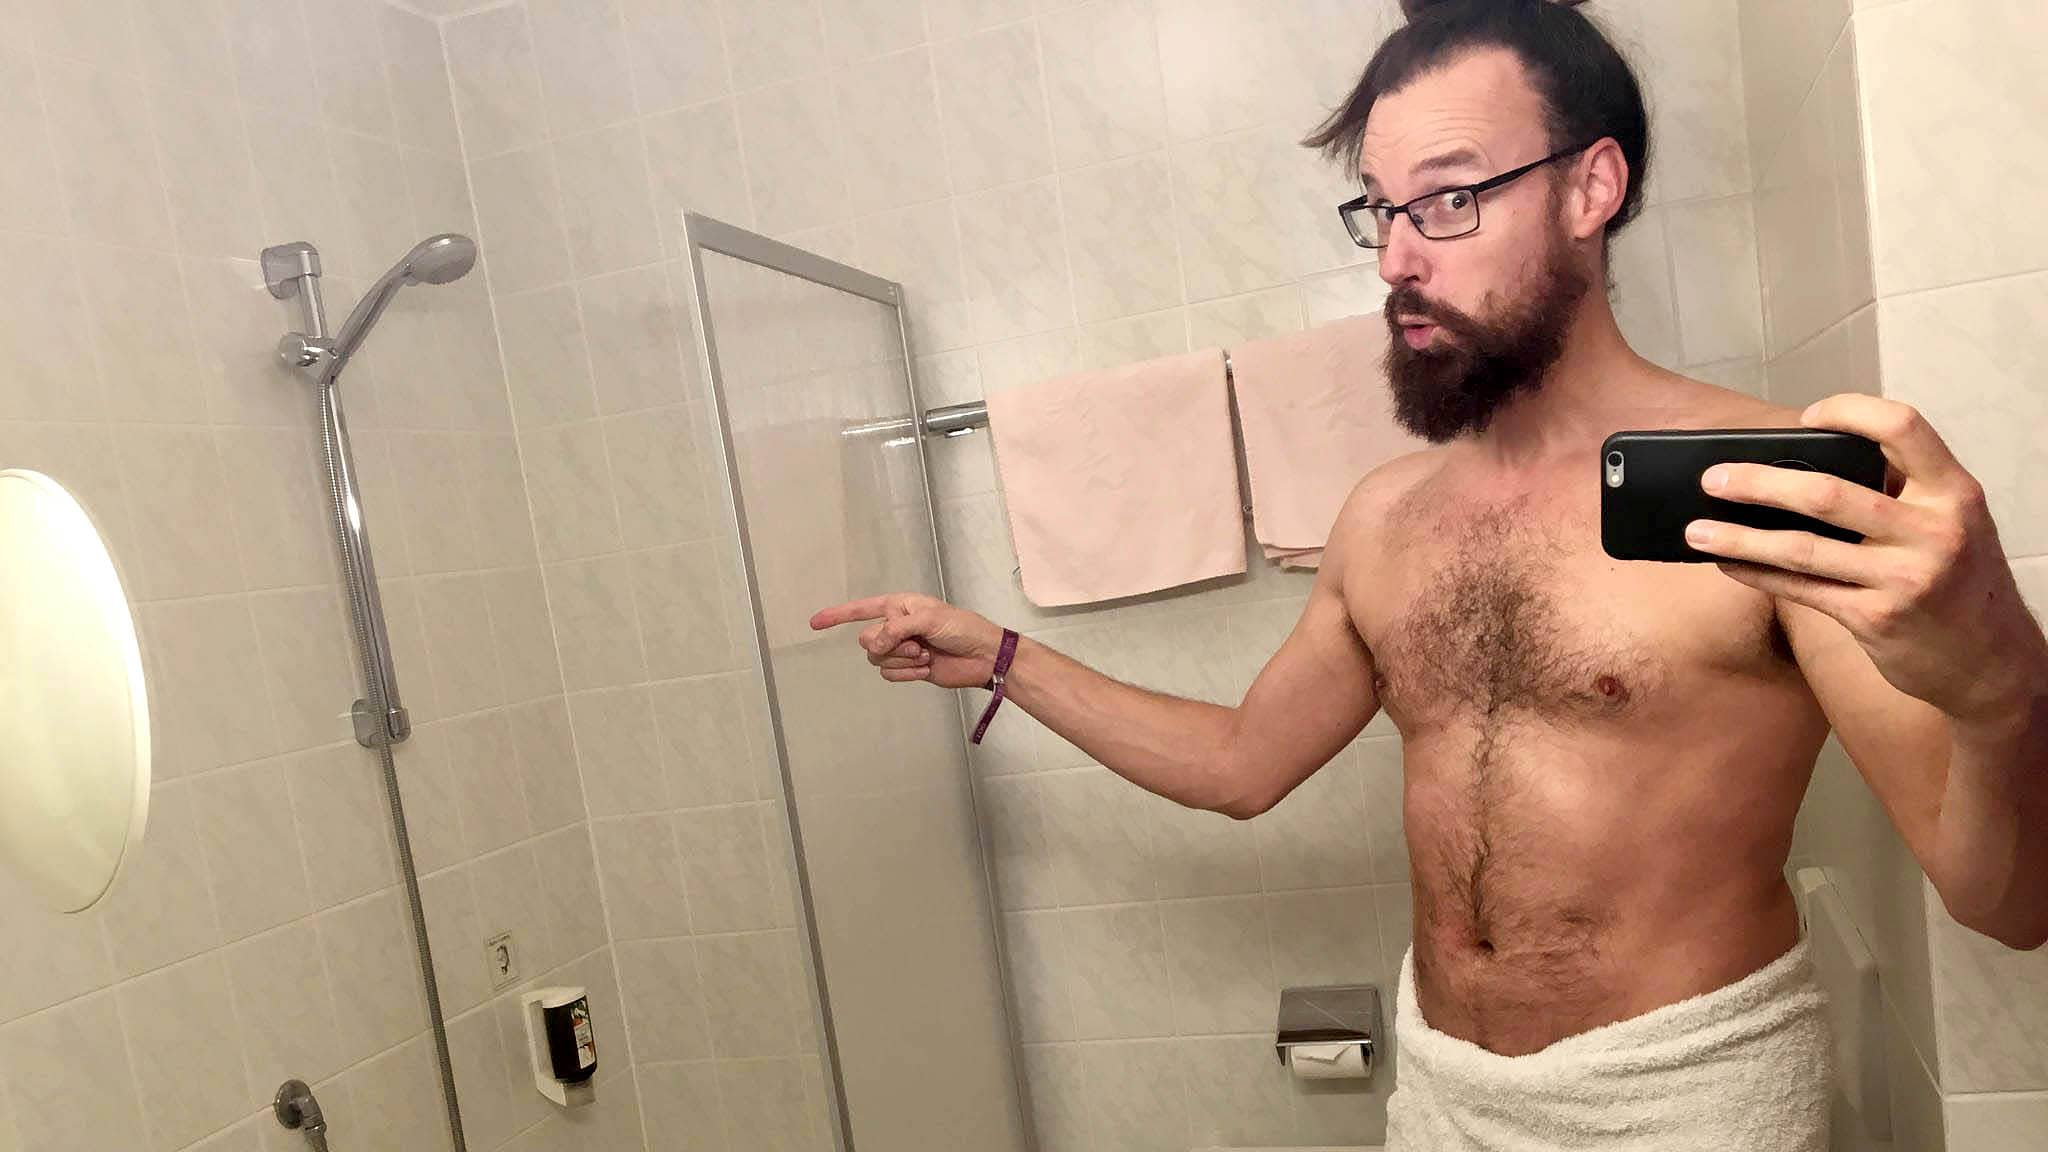 e0a15541bf36b6 Unterwegs duschen? 35 geile Möglichkeiten! | DACHZELTNOMADEN